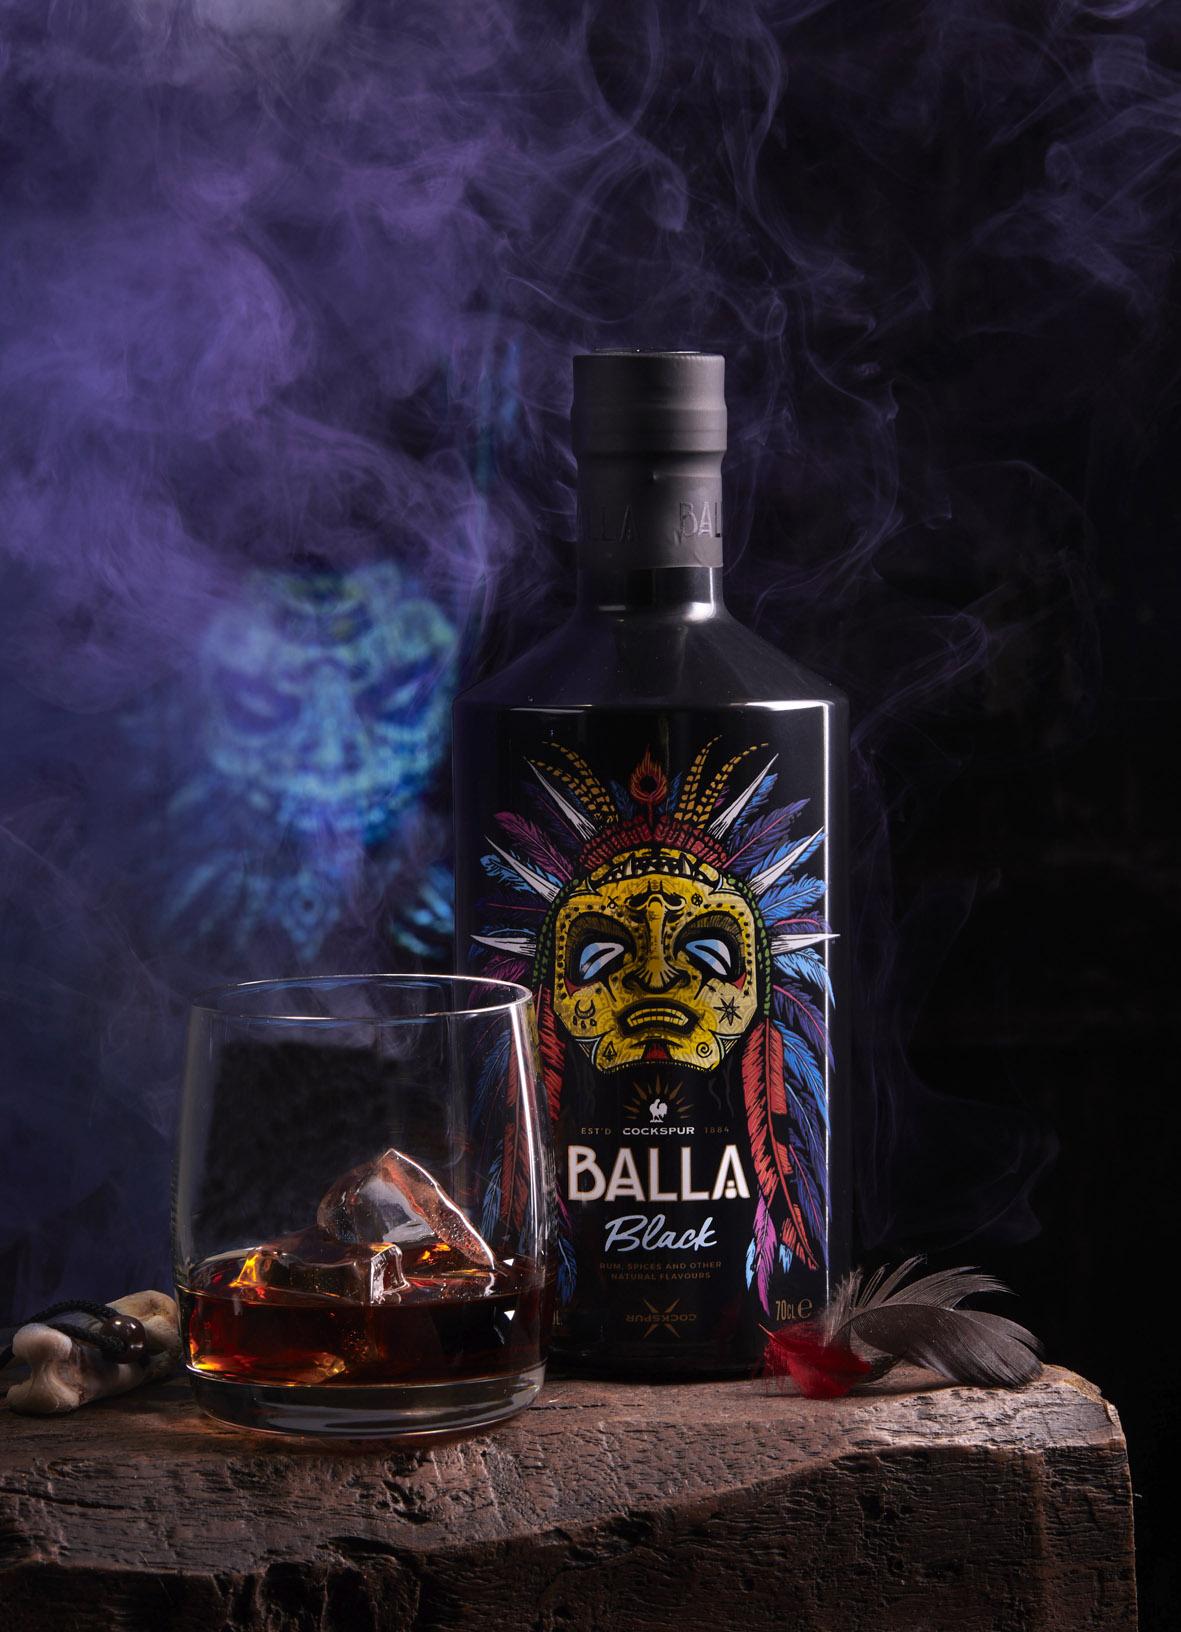 Balla Black Rum